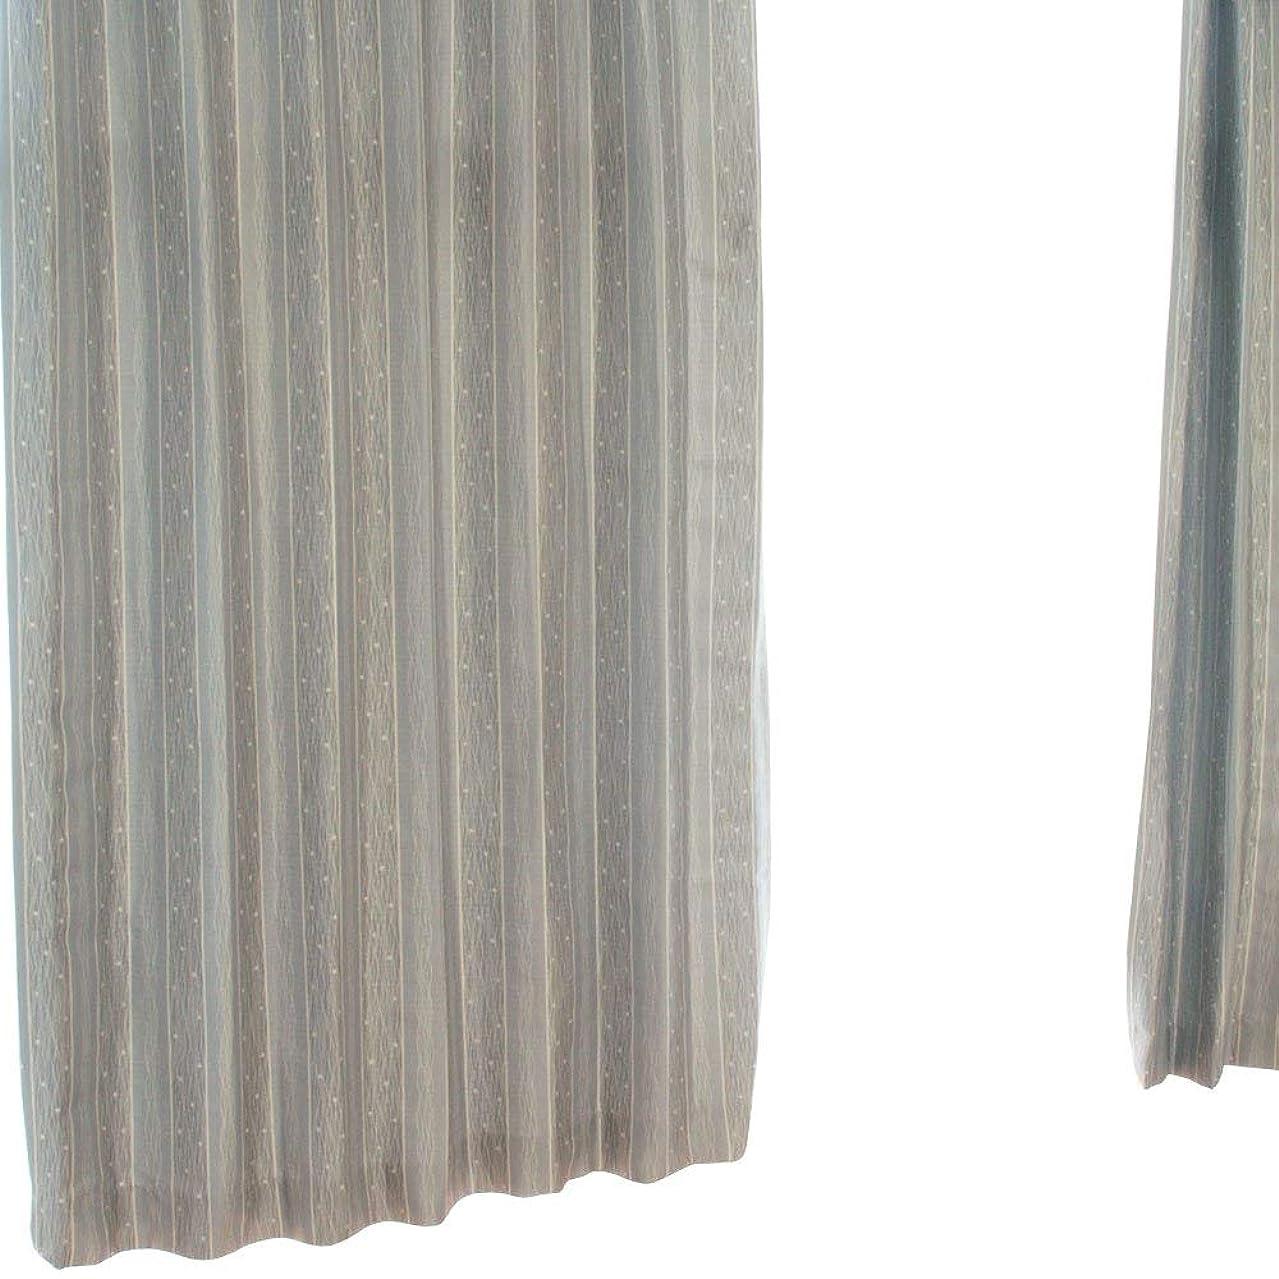 ロゴ真っ逆さま満たす■アウトレット激安■【S048】2級遮光カーテン 2枚組 (巾100cmx丈135cm, グレイ)